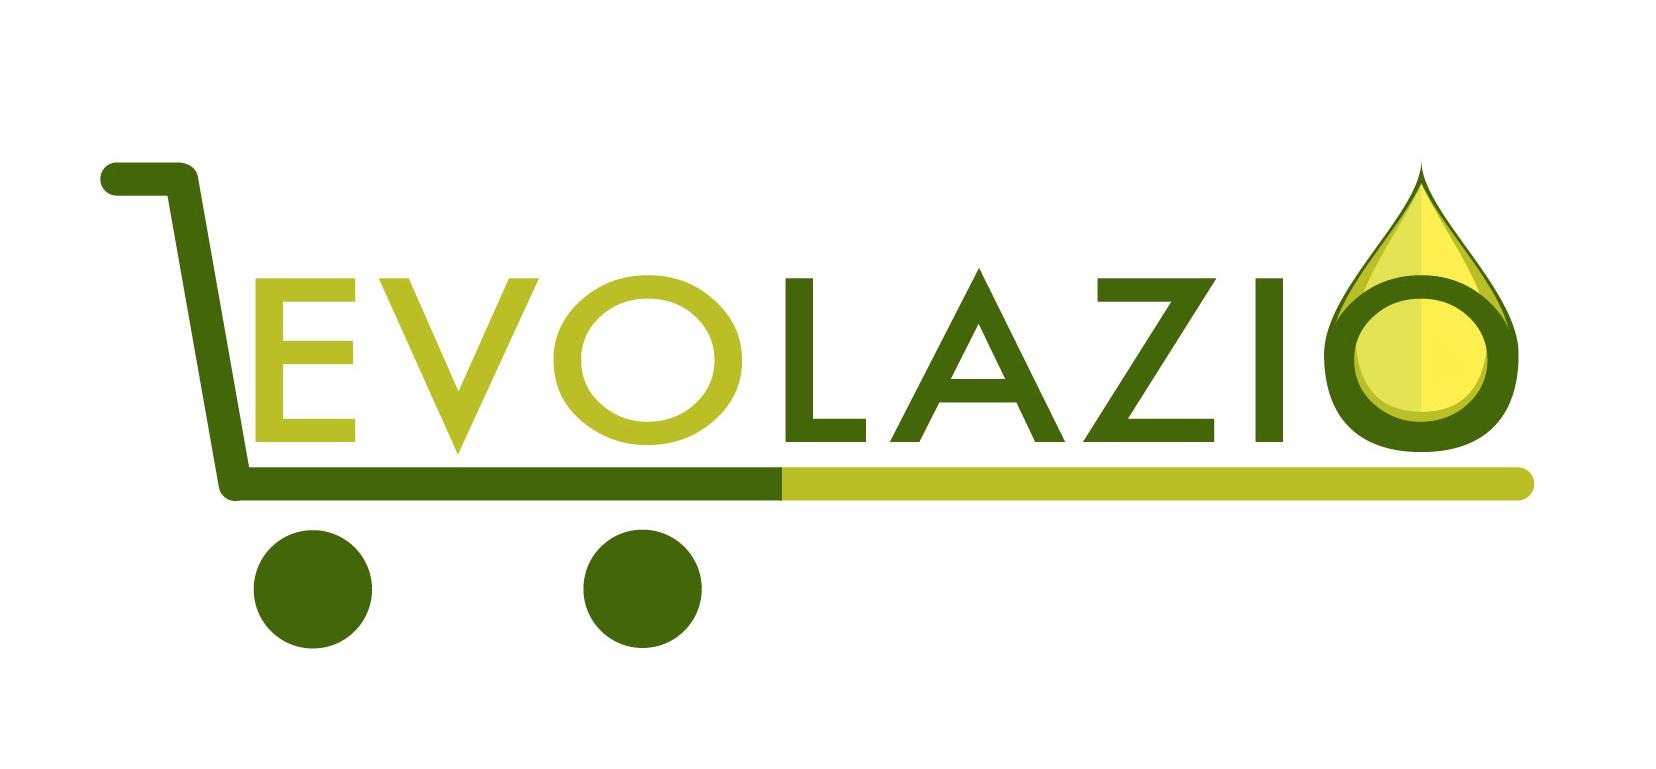 Evo Lazio - Olio Extravergine d'oliva